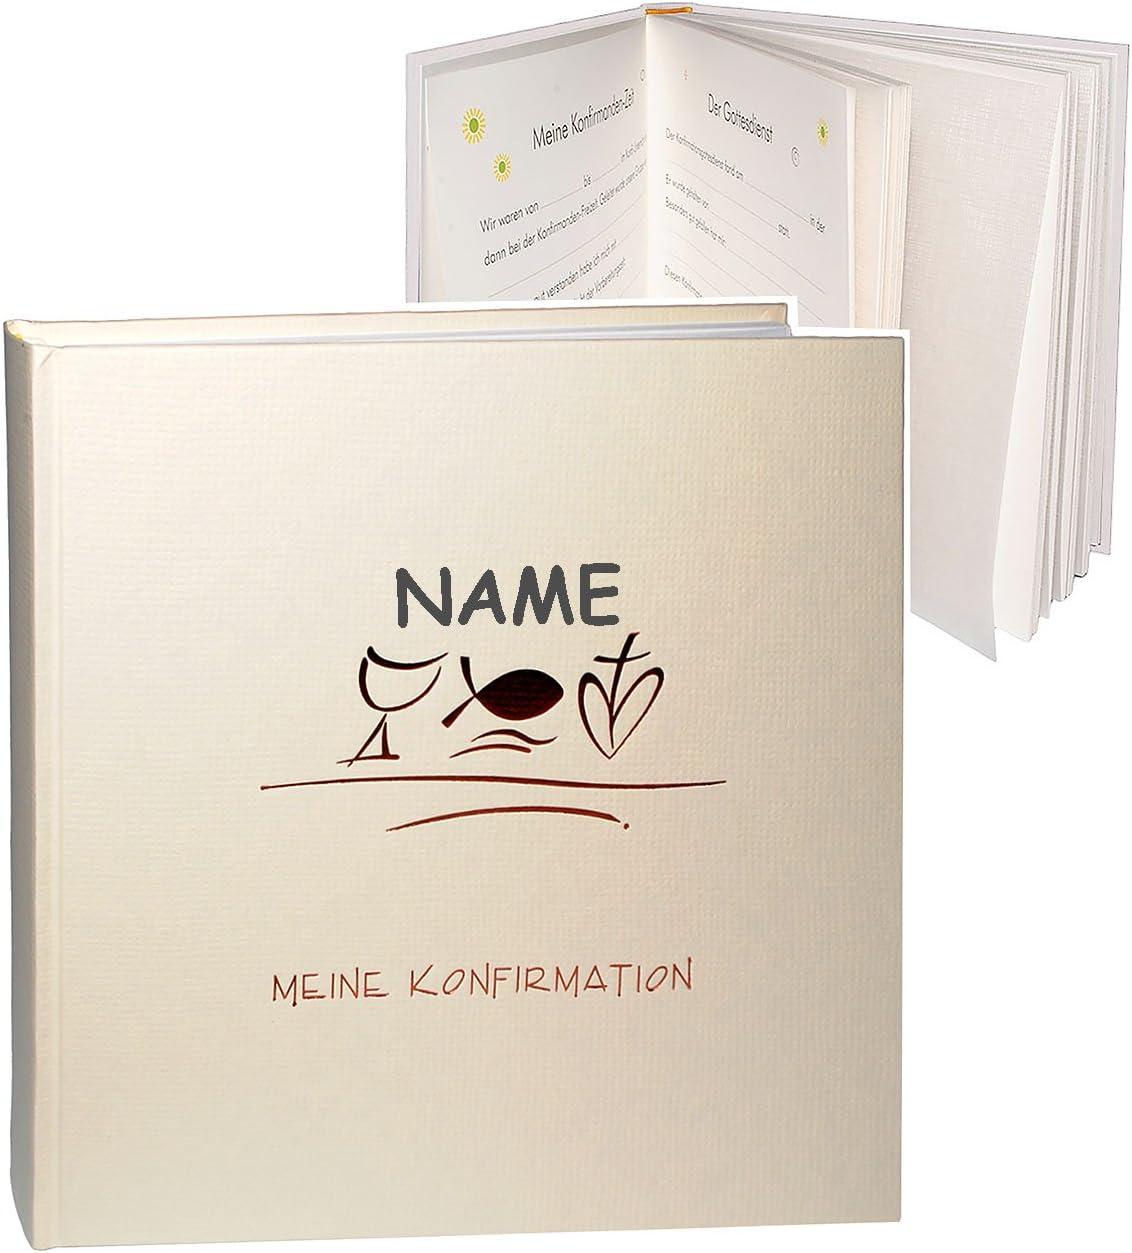 f/ür bis zu 180 Bilder Meine Konfirmation Konfirmationsalbum // Fotoalbum incl Gebunden zum Einkleben Name Fotobuch // Photoalbum // Album blanko..